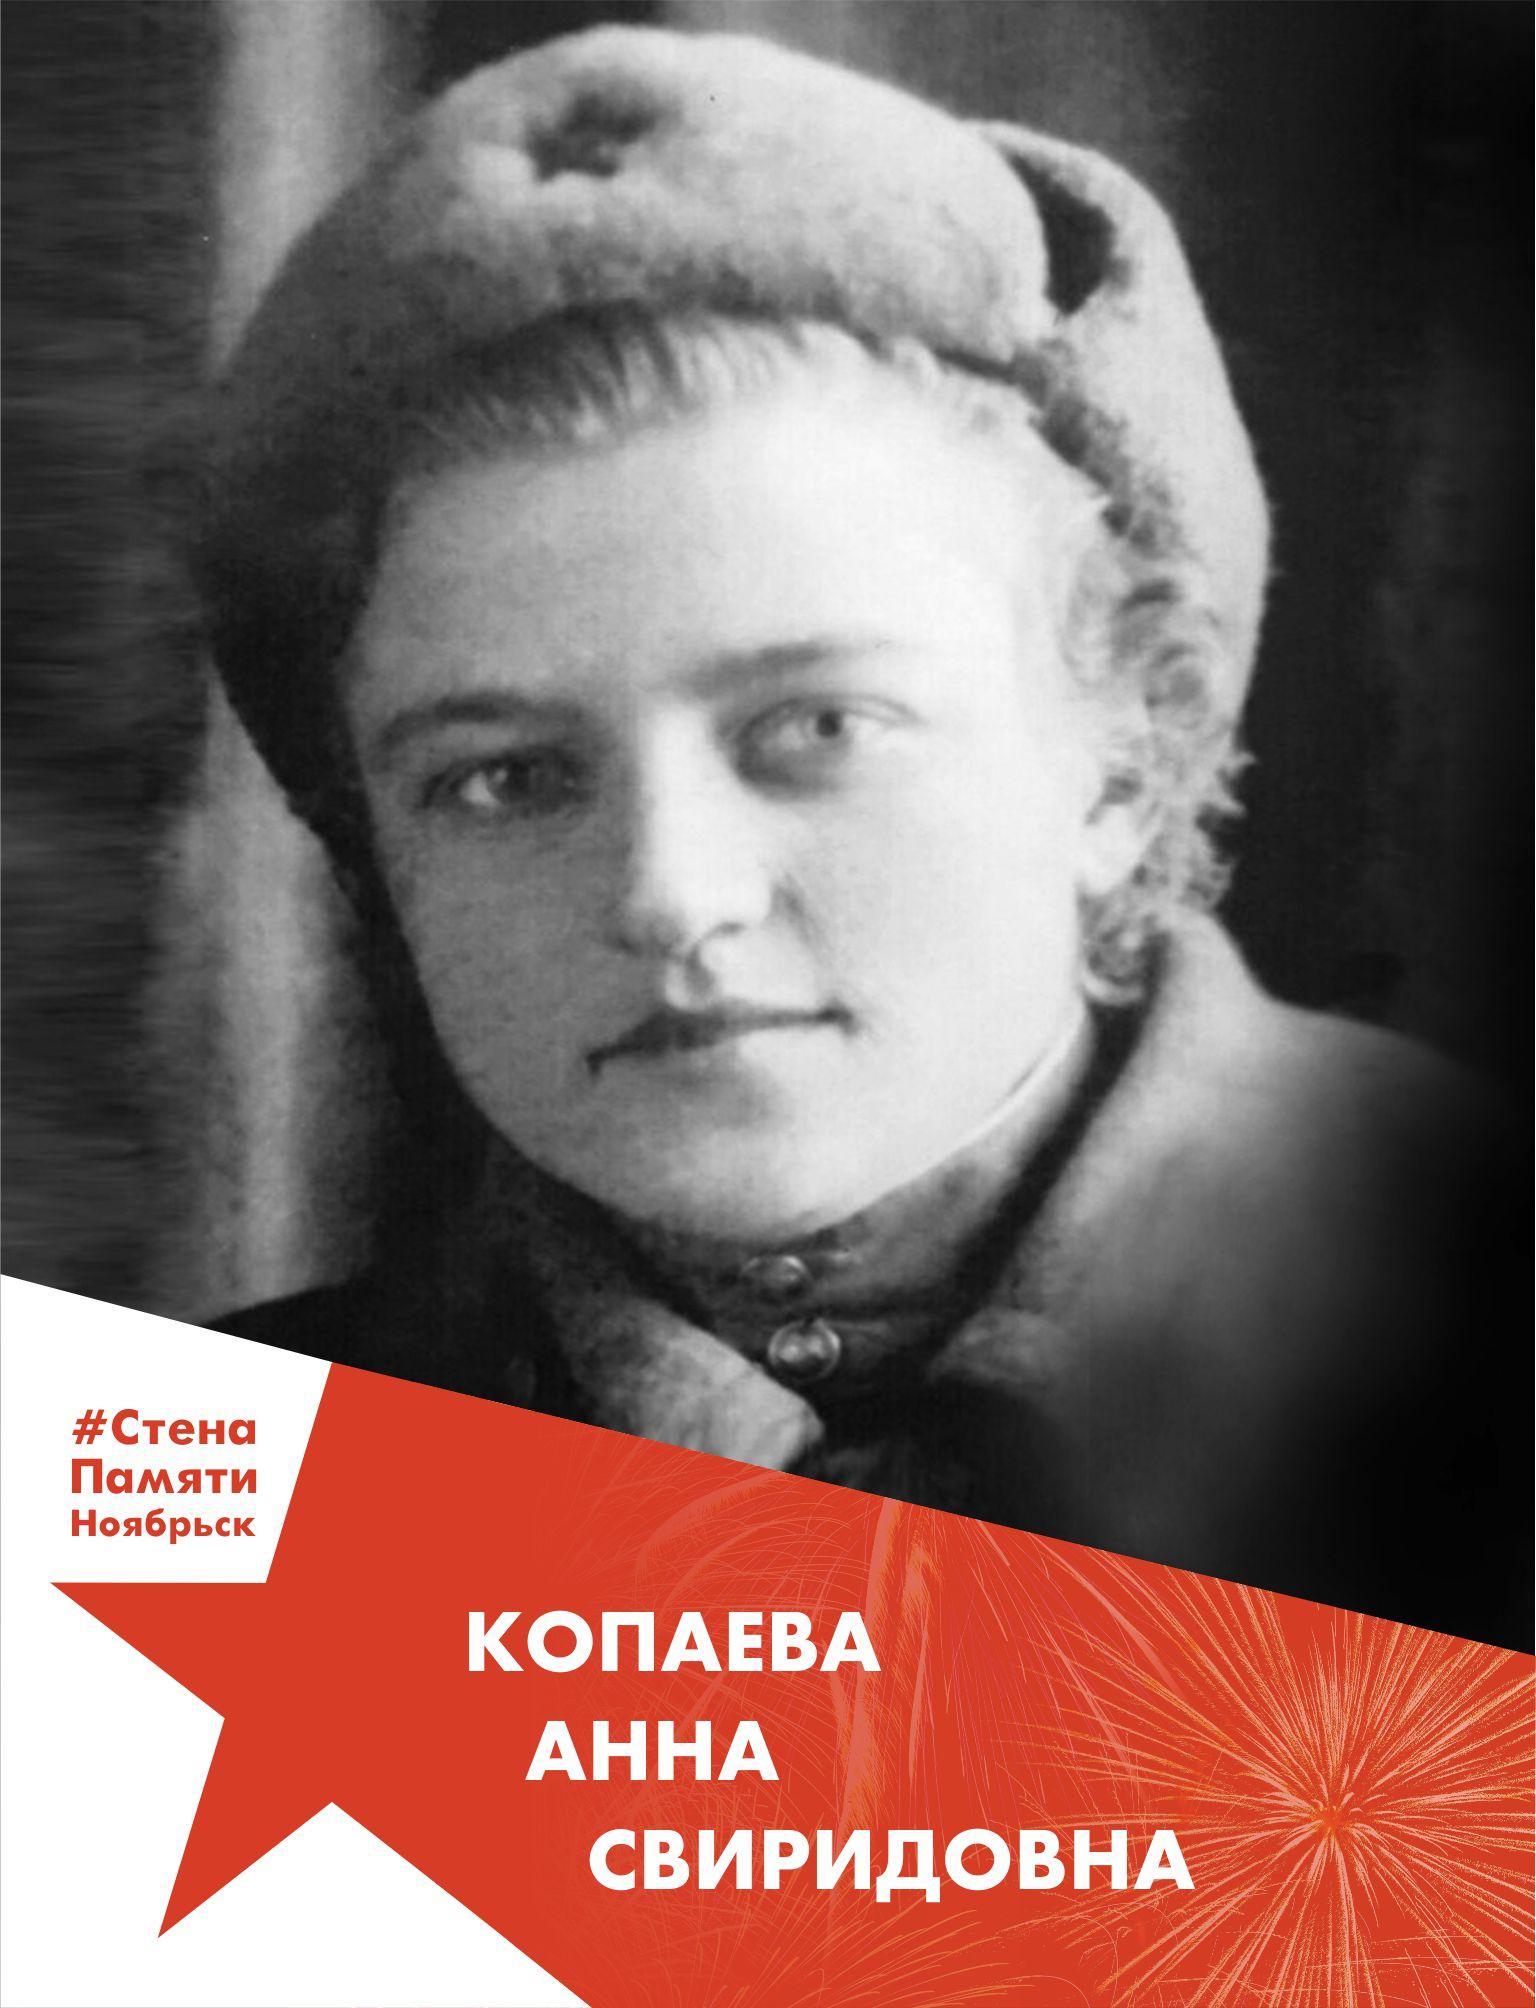 Копаева Анна Свиридовна